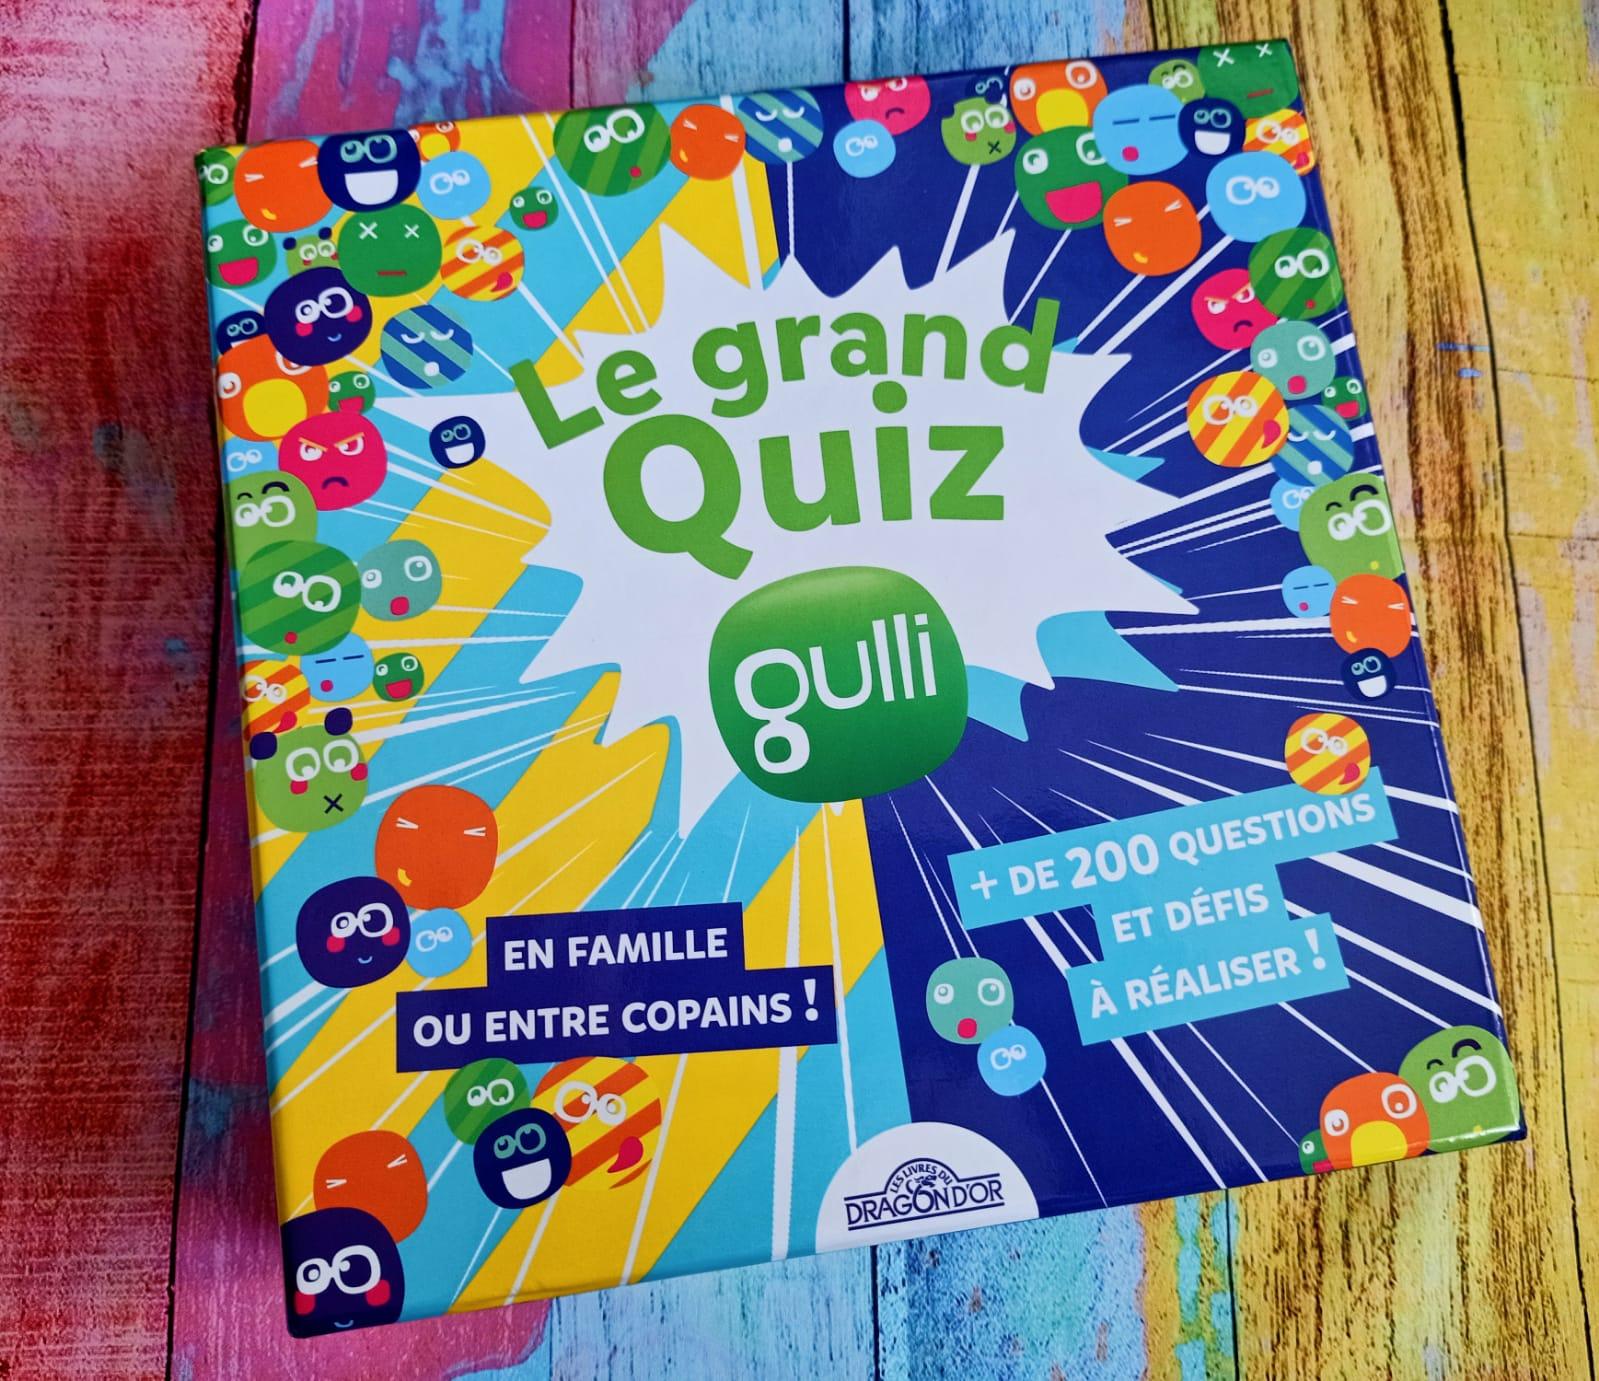 Le Grand Quizz Gulli – Liyah.fr – Livre Enfant | Manga Shojo destiné Quizz Enfant